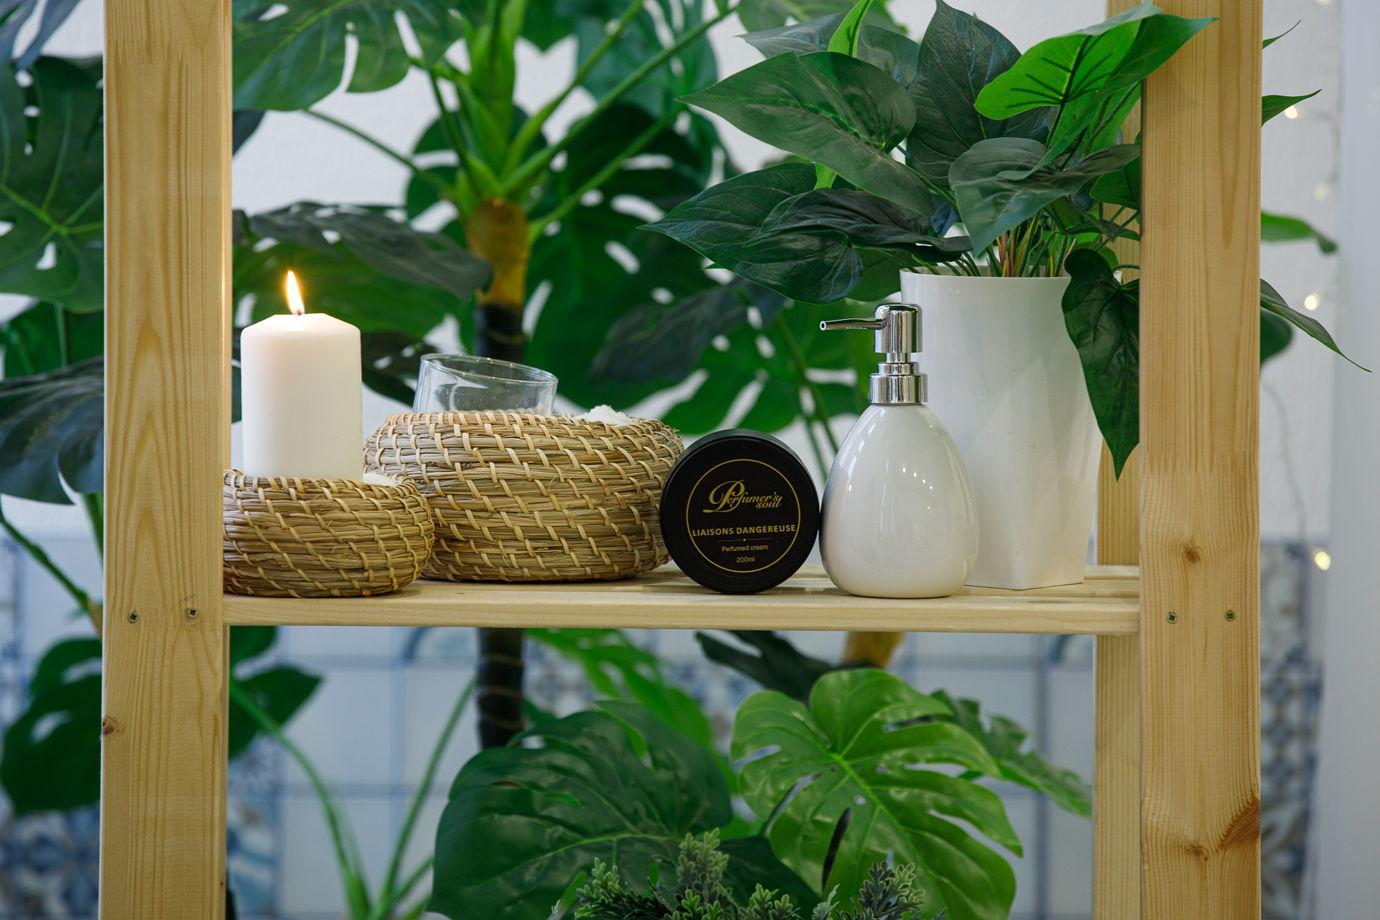 Парфюмированный крем для тела на основе аромата Liaisons Dangereuses